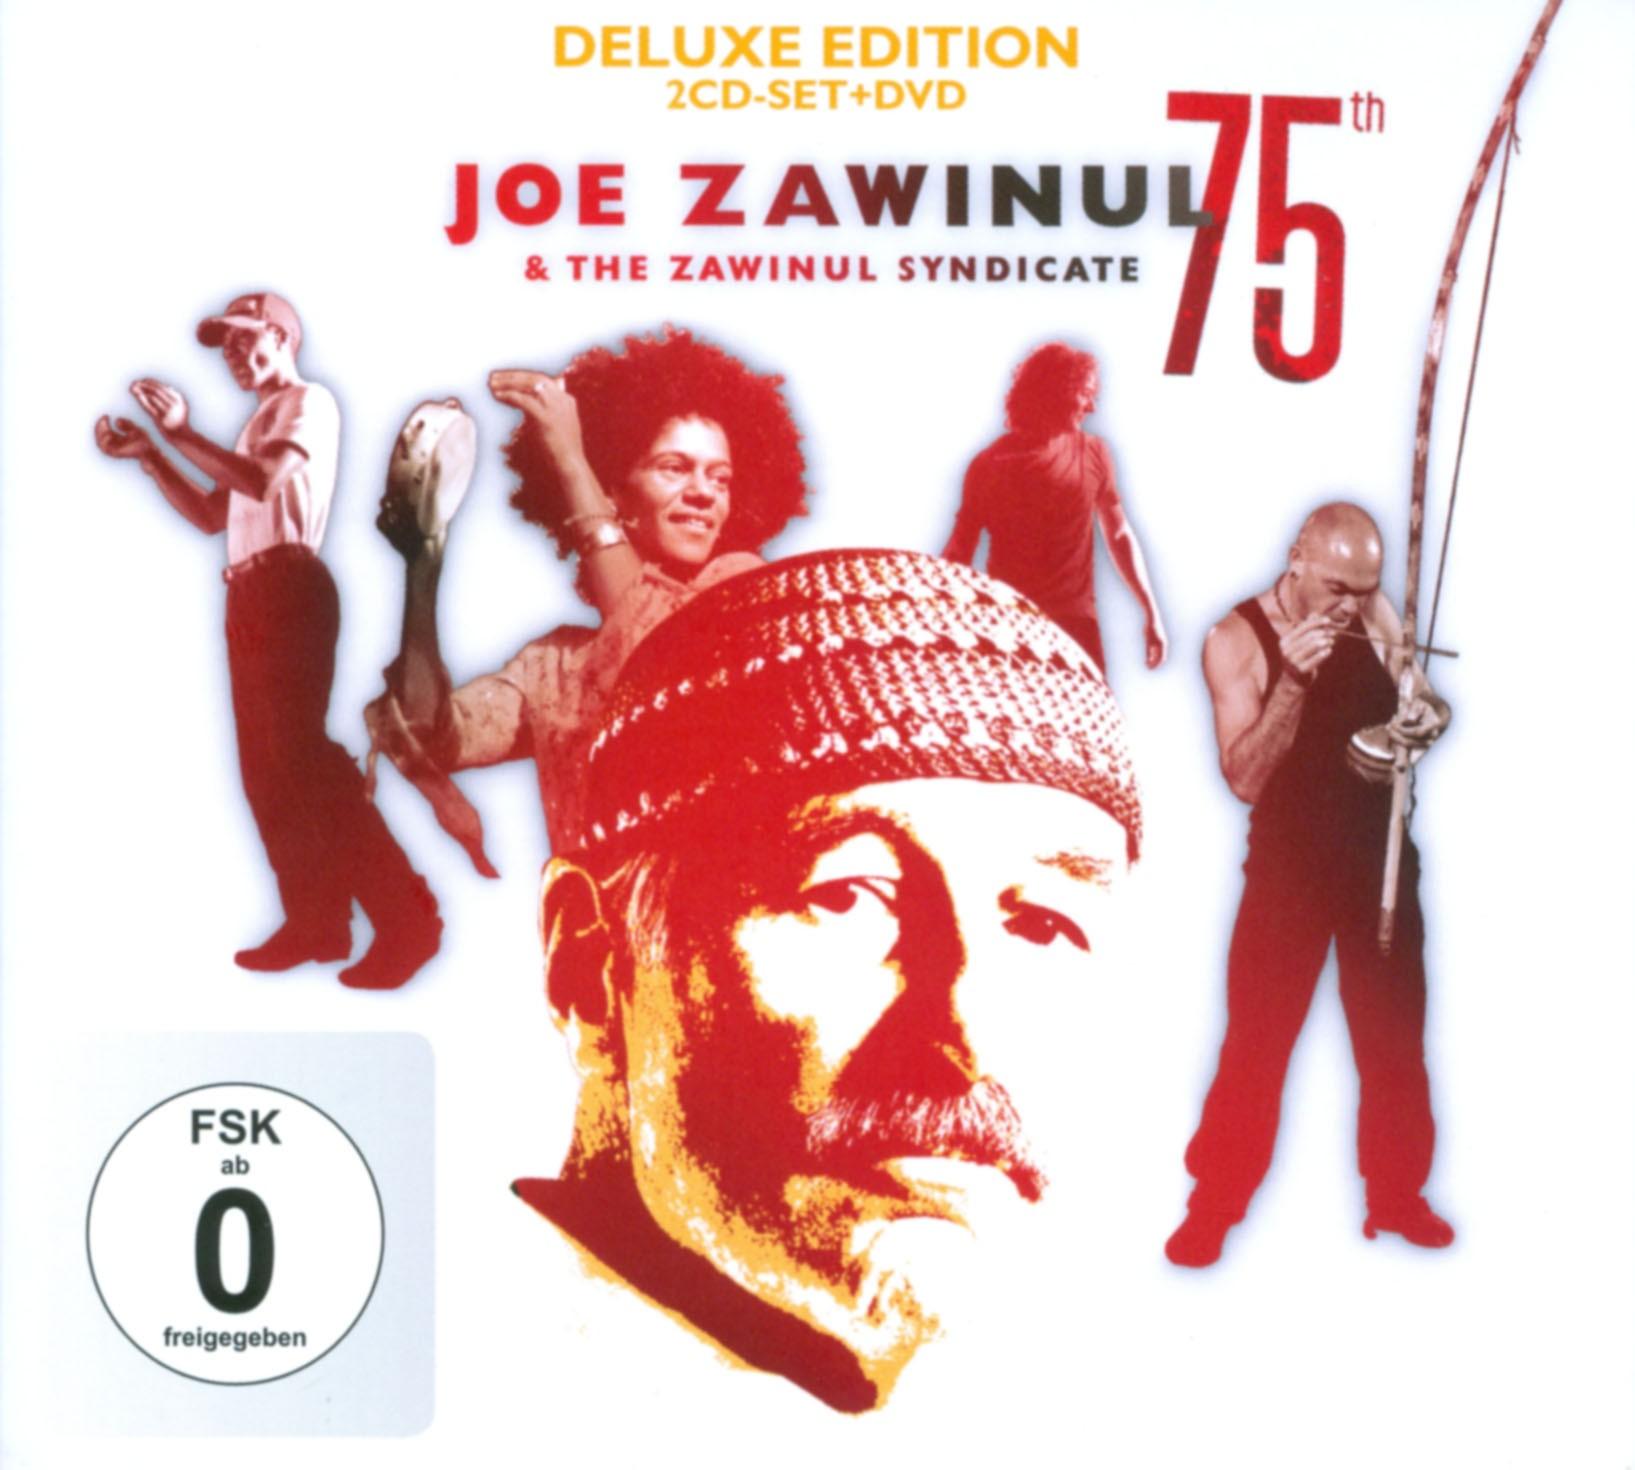 Joe Zawinul and the Zawinul Syndicate: 75th